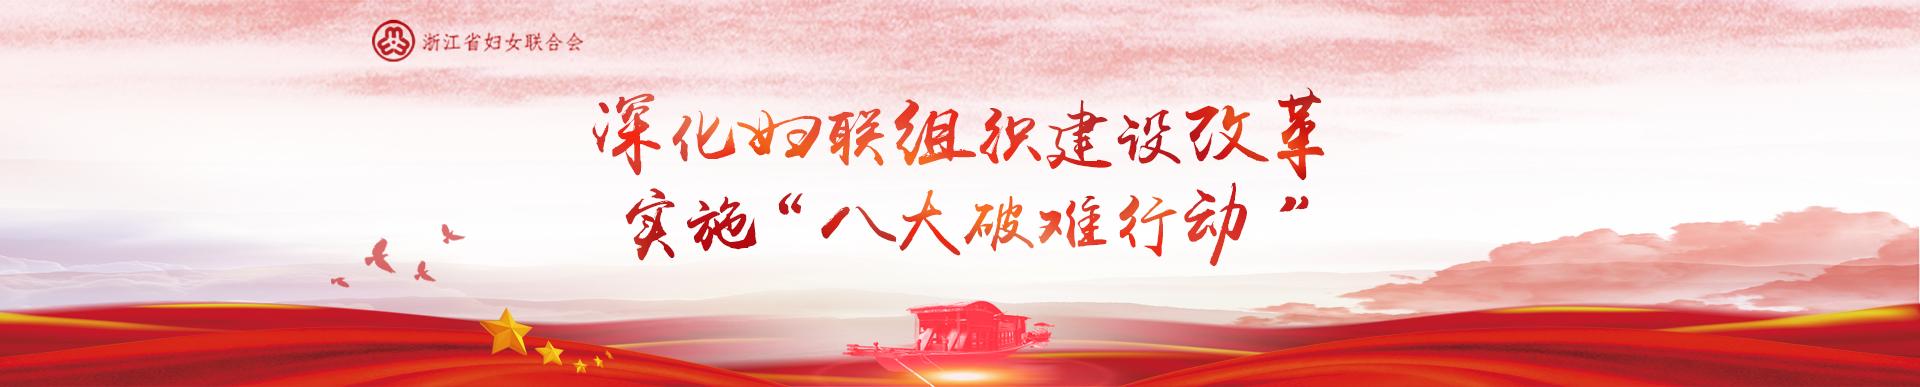 """深化婦聯組織建設改革 實施""""八大破難行動"""""""